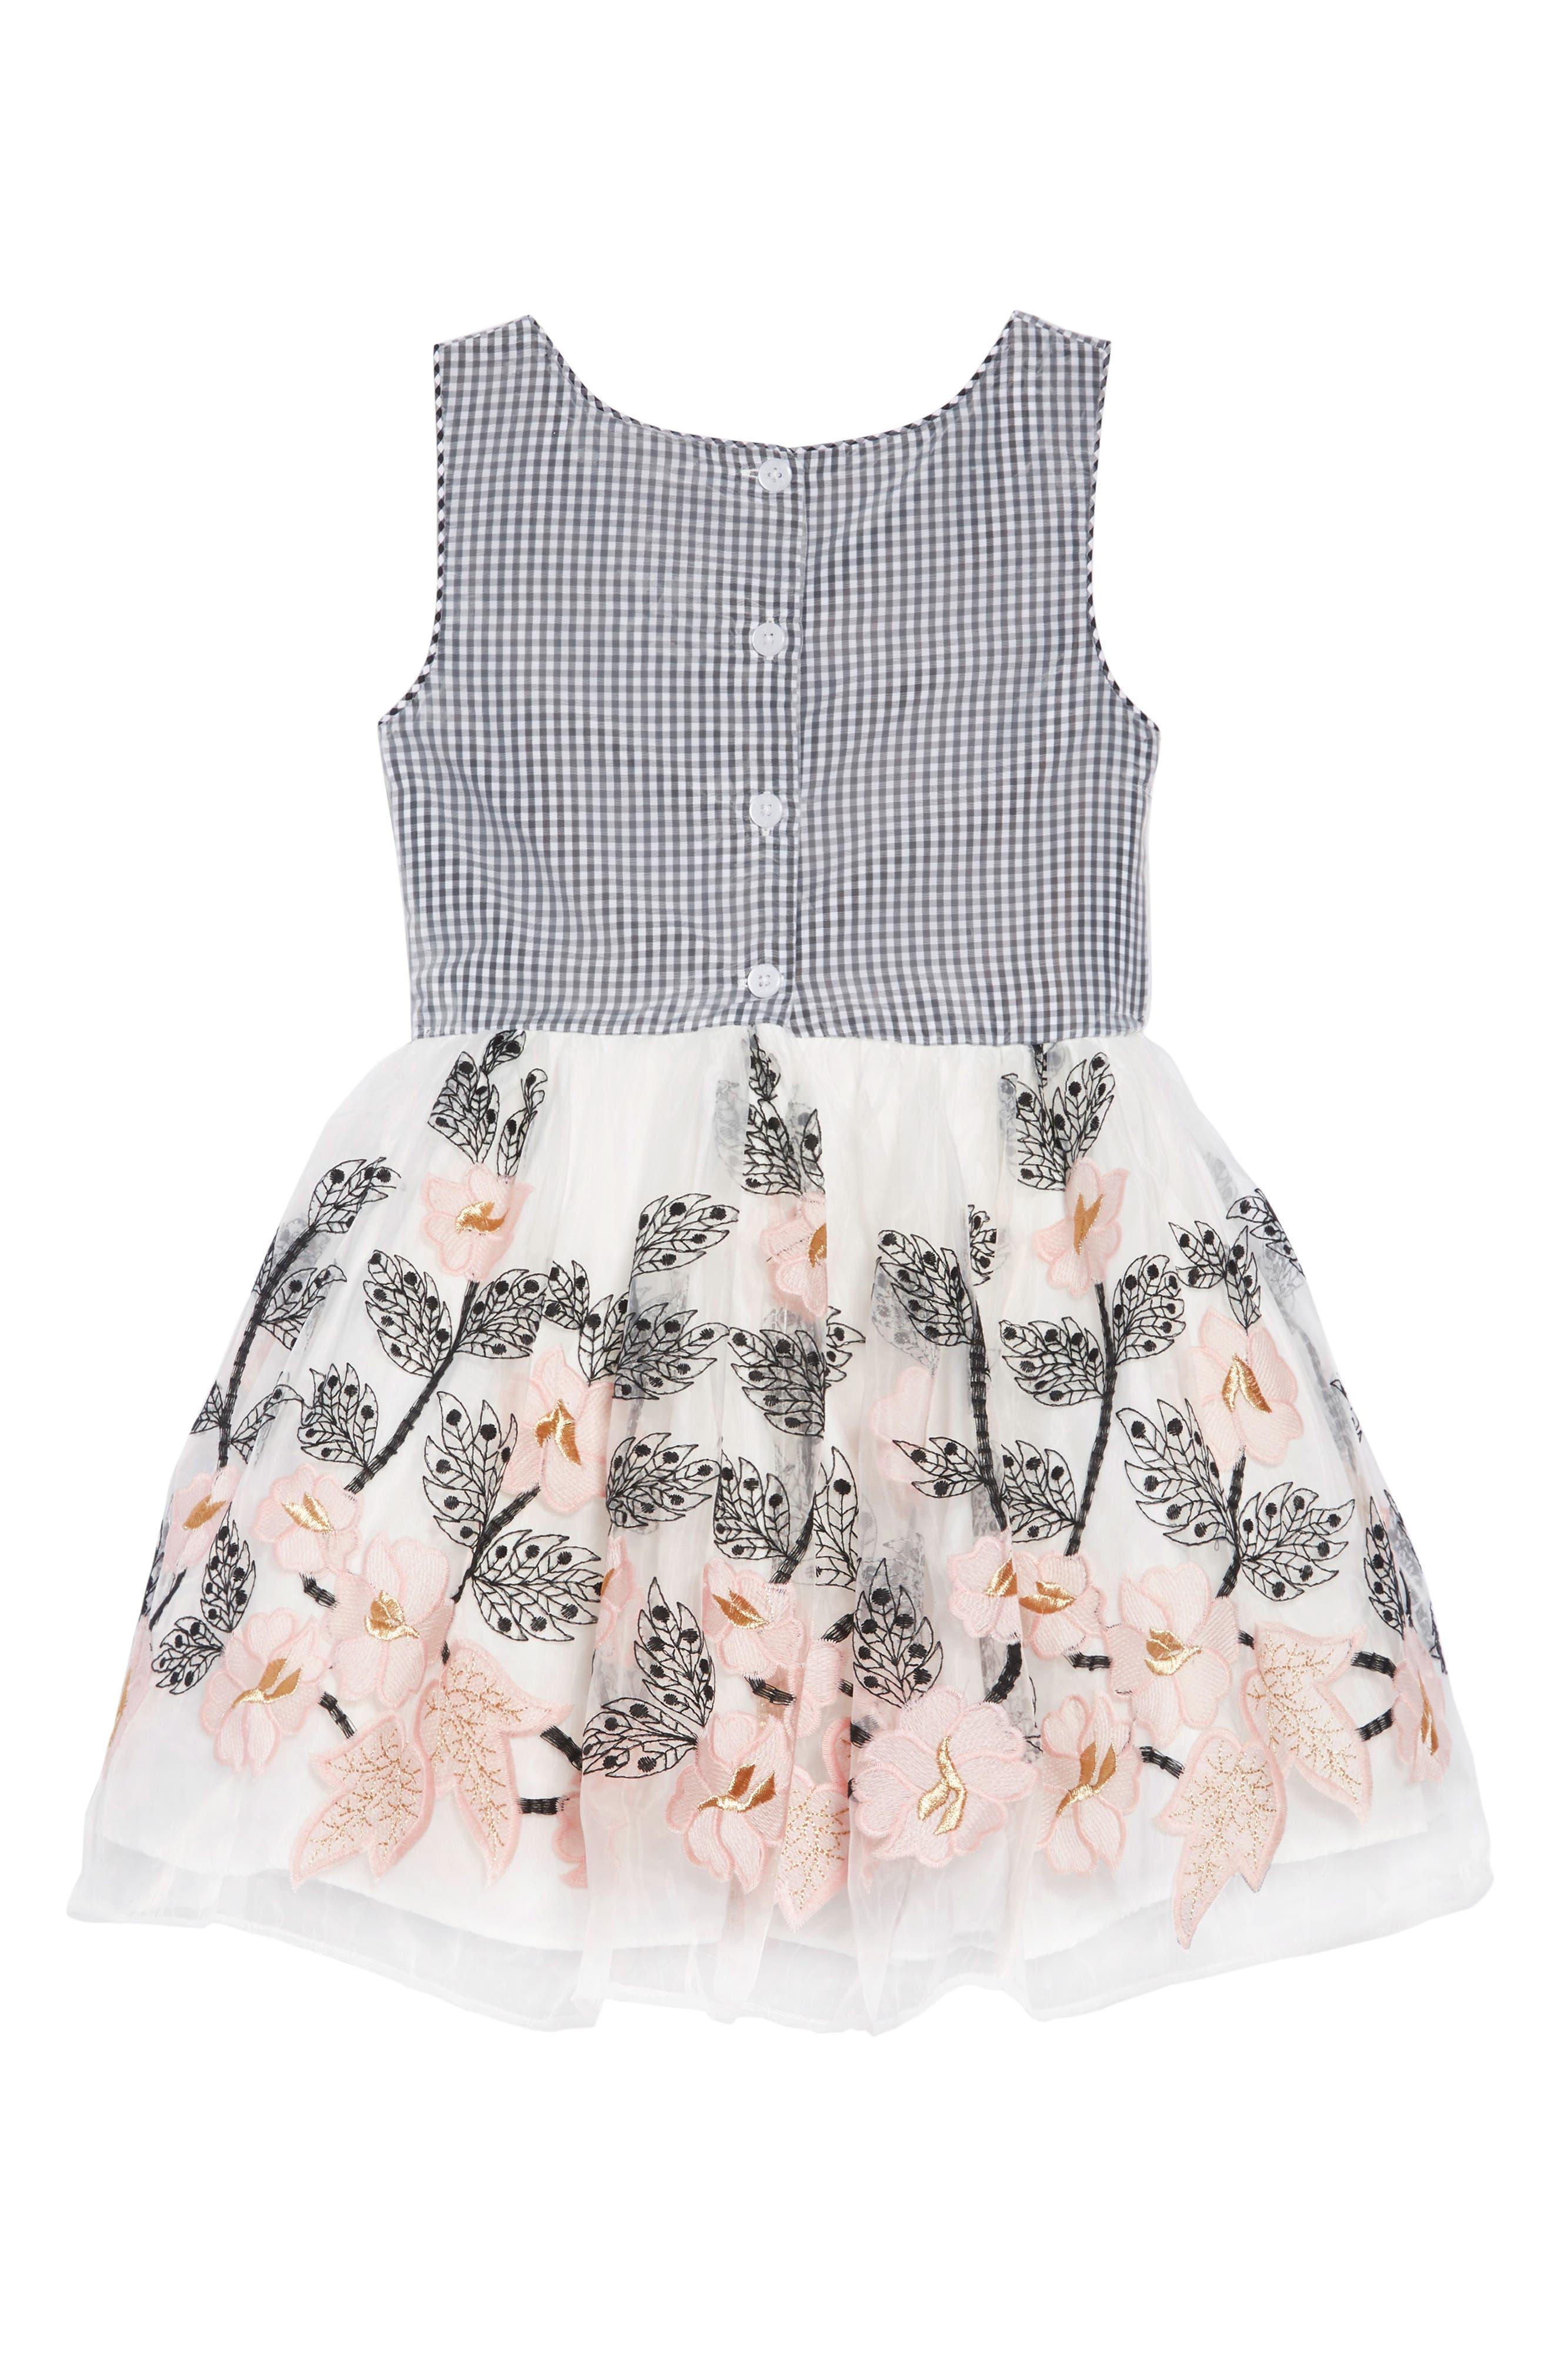 PIPPA & JULIE, Gingham & Floral Embellished Dress, Alternate thumbnail 2, color, BLACK/ WHITE